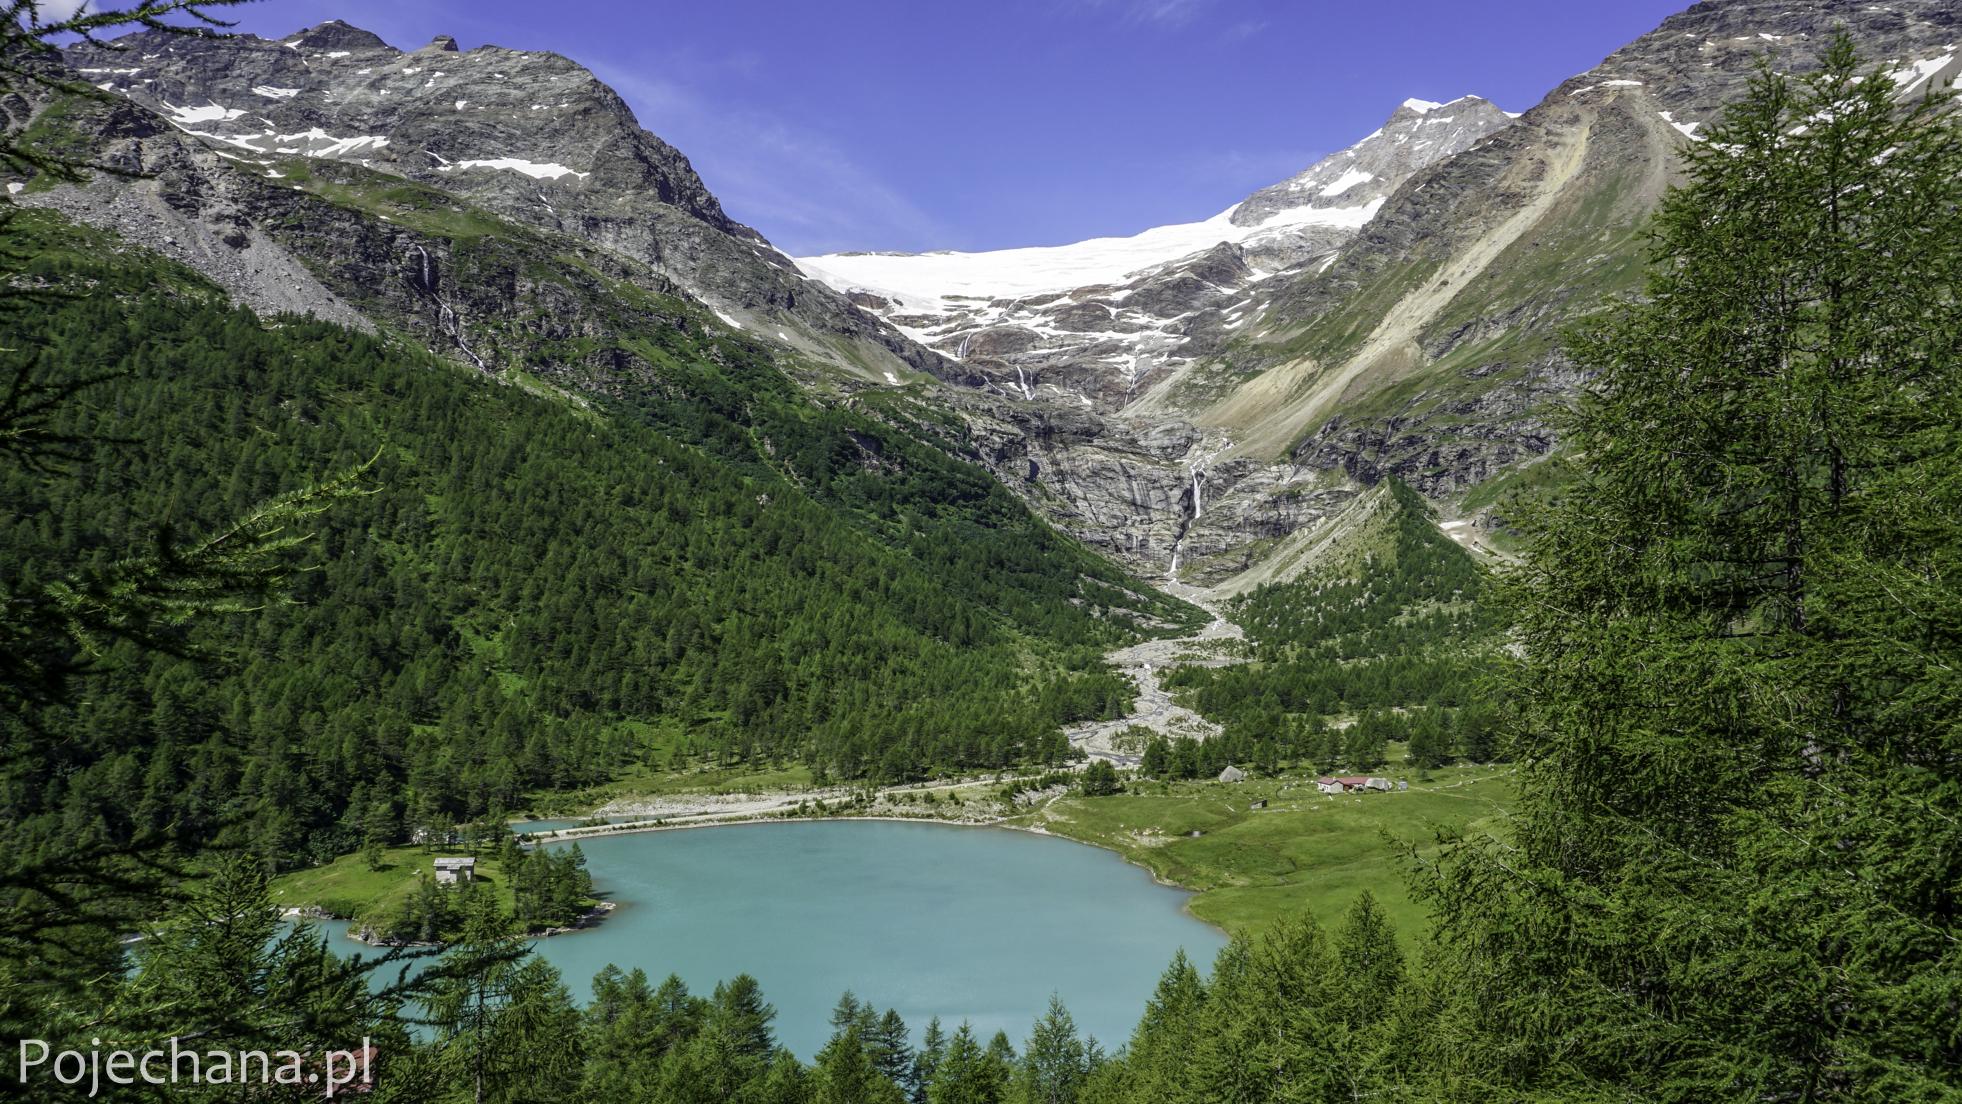 turkusowe jezioro u stóp lodowca